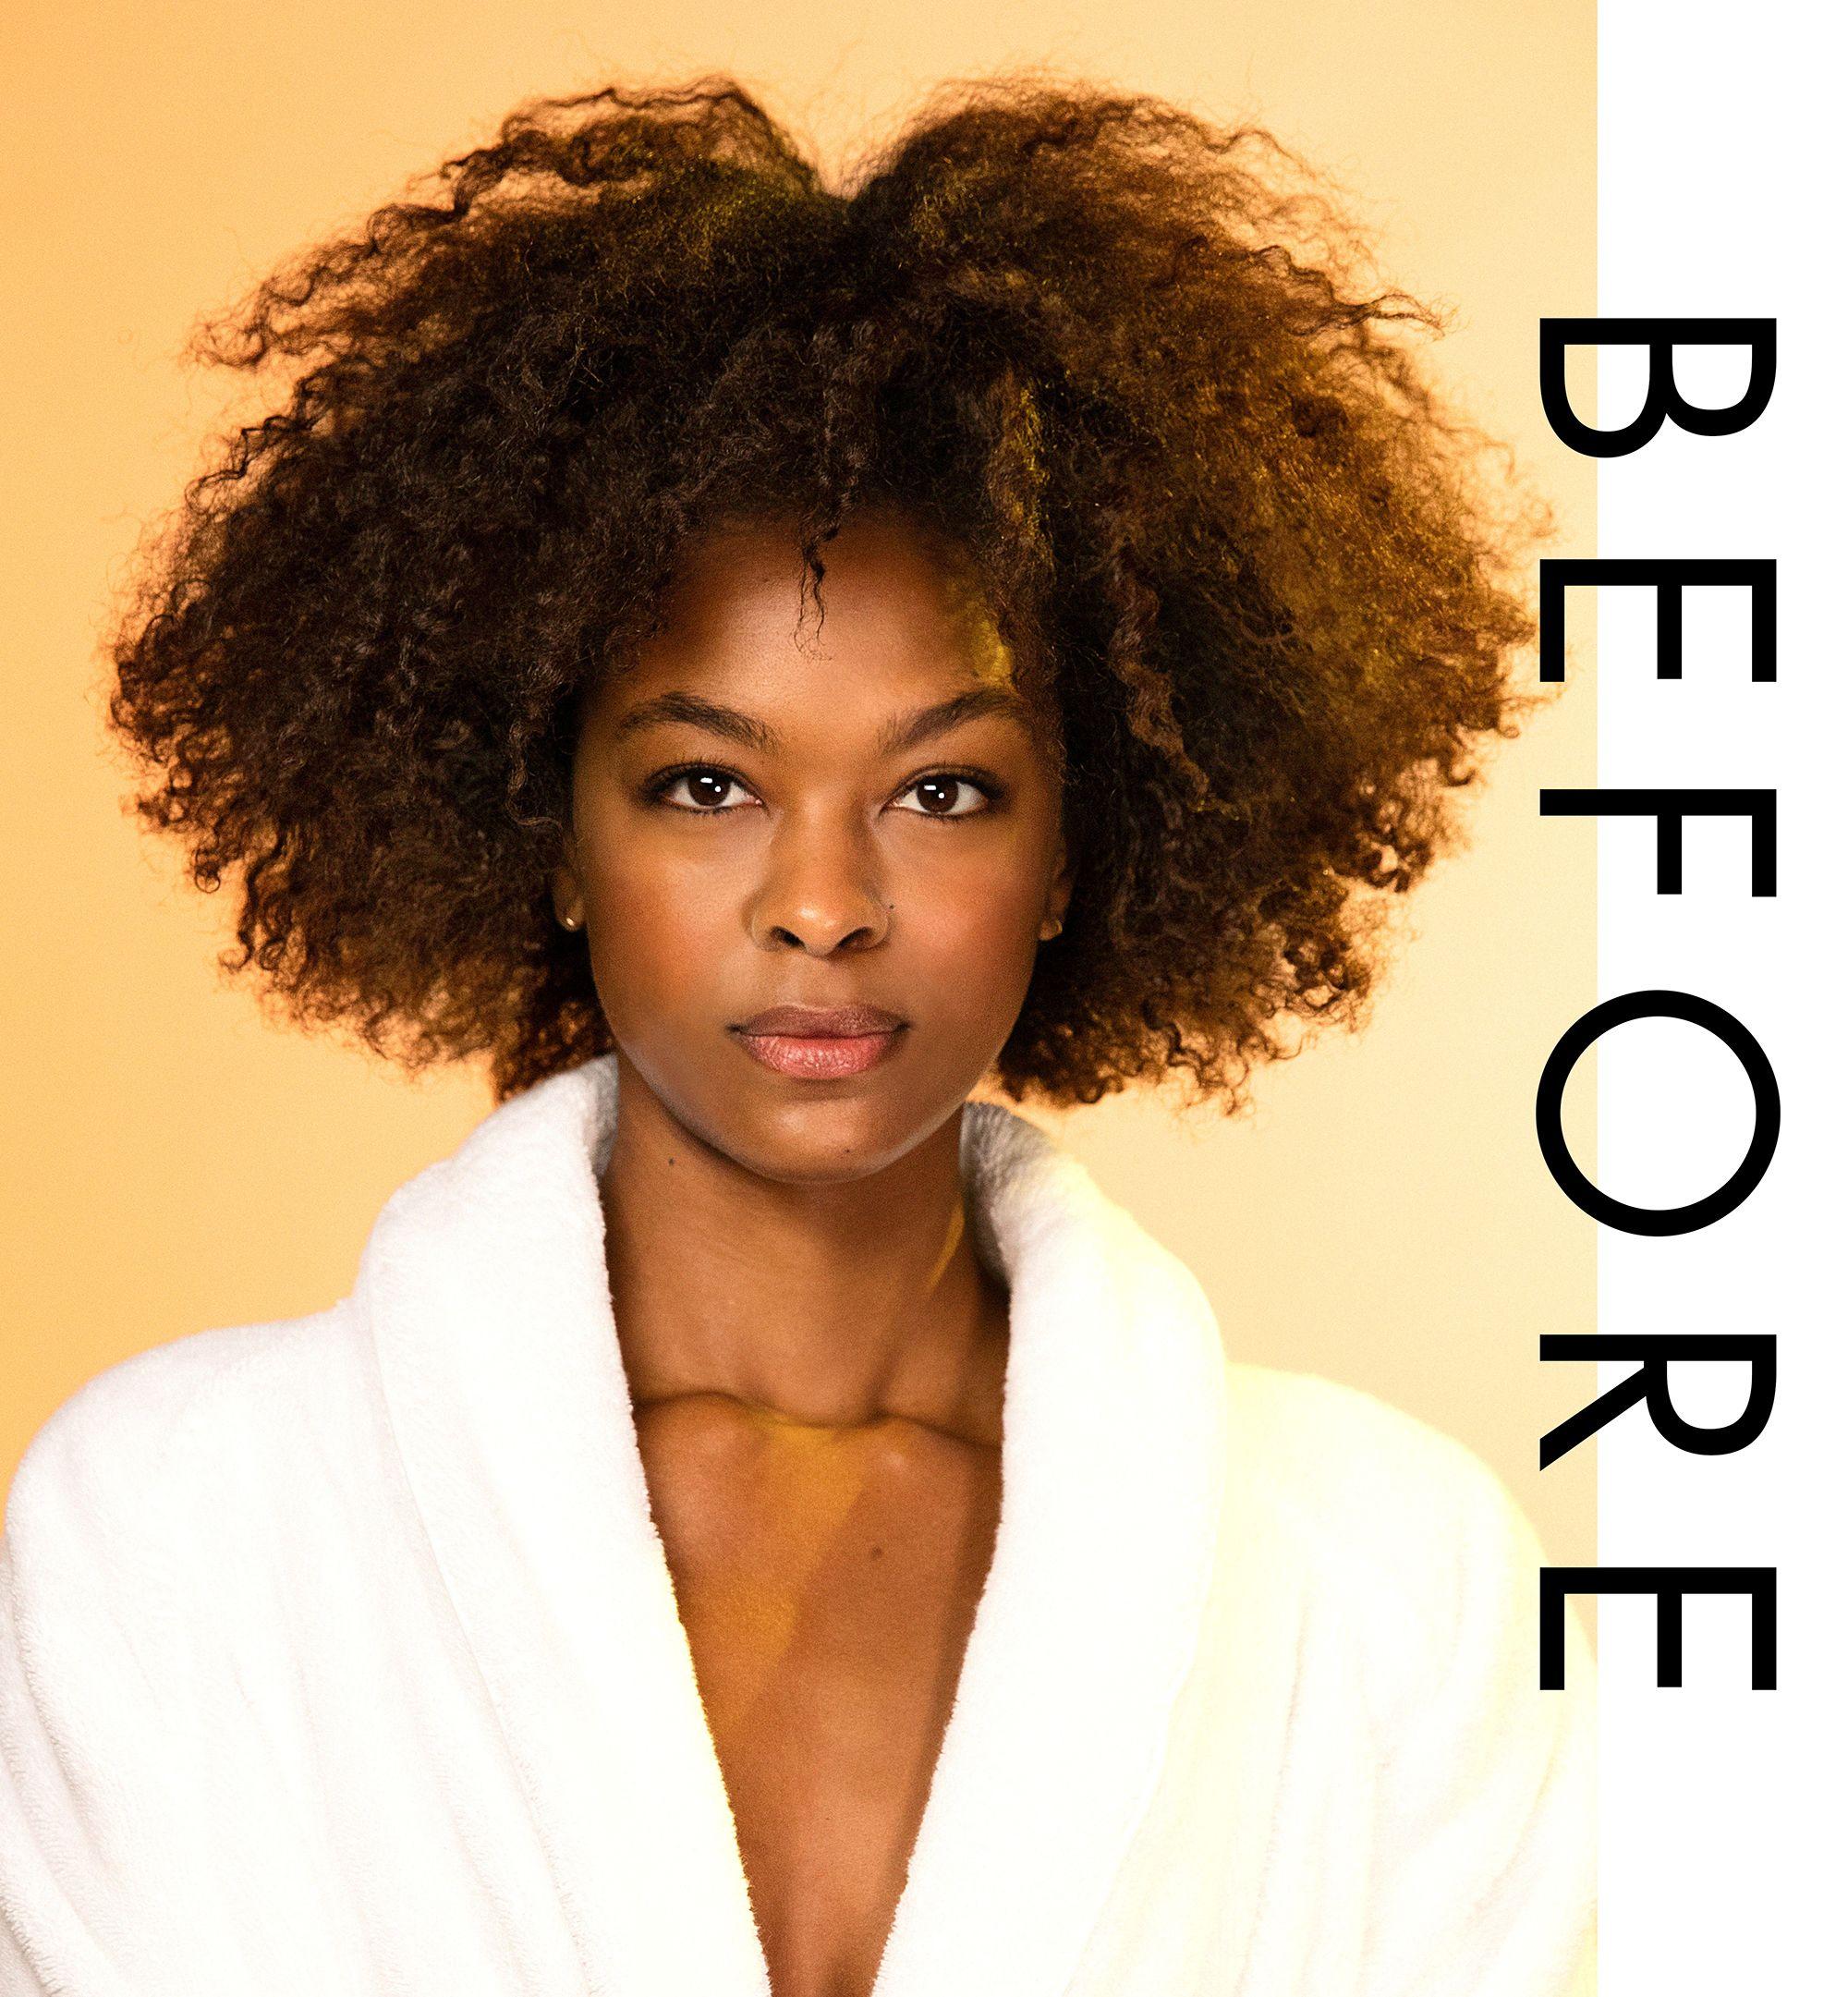 How To Style 6 Types Of Curls 3a 3b 3c 4a 4b 4c Curls And Coils